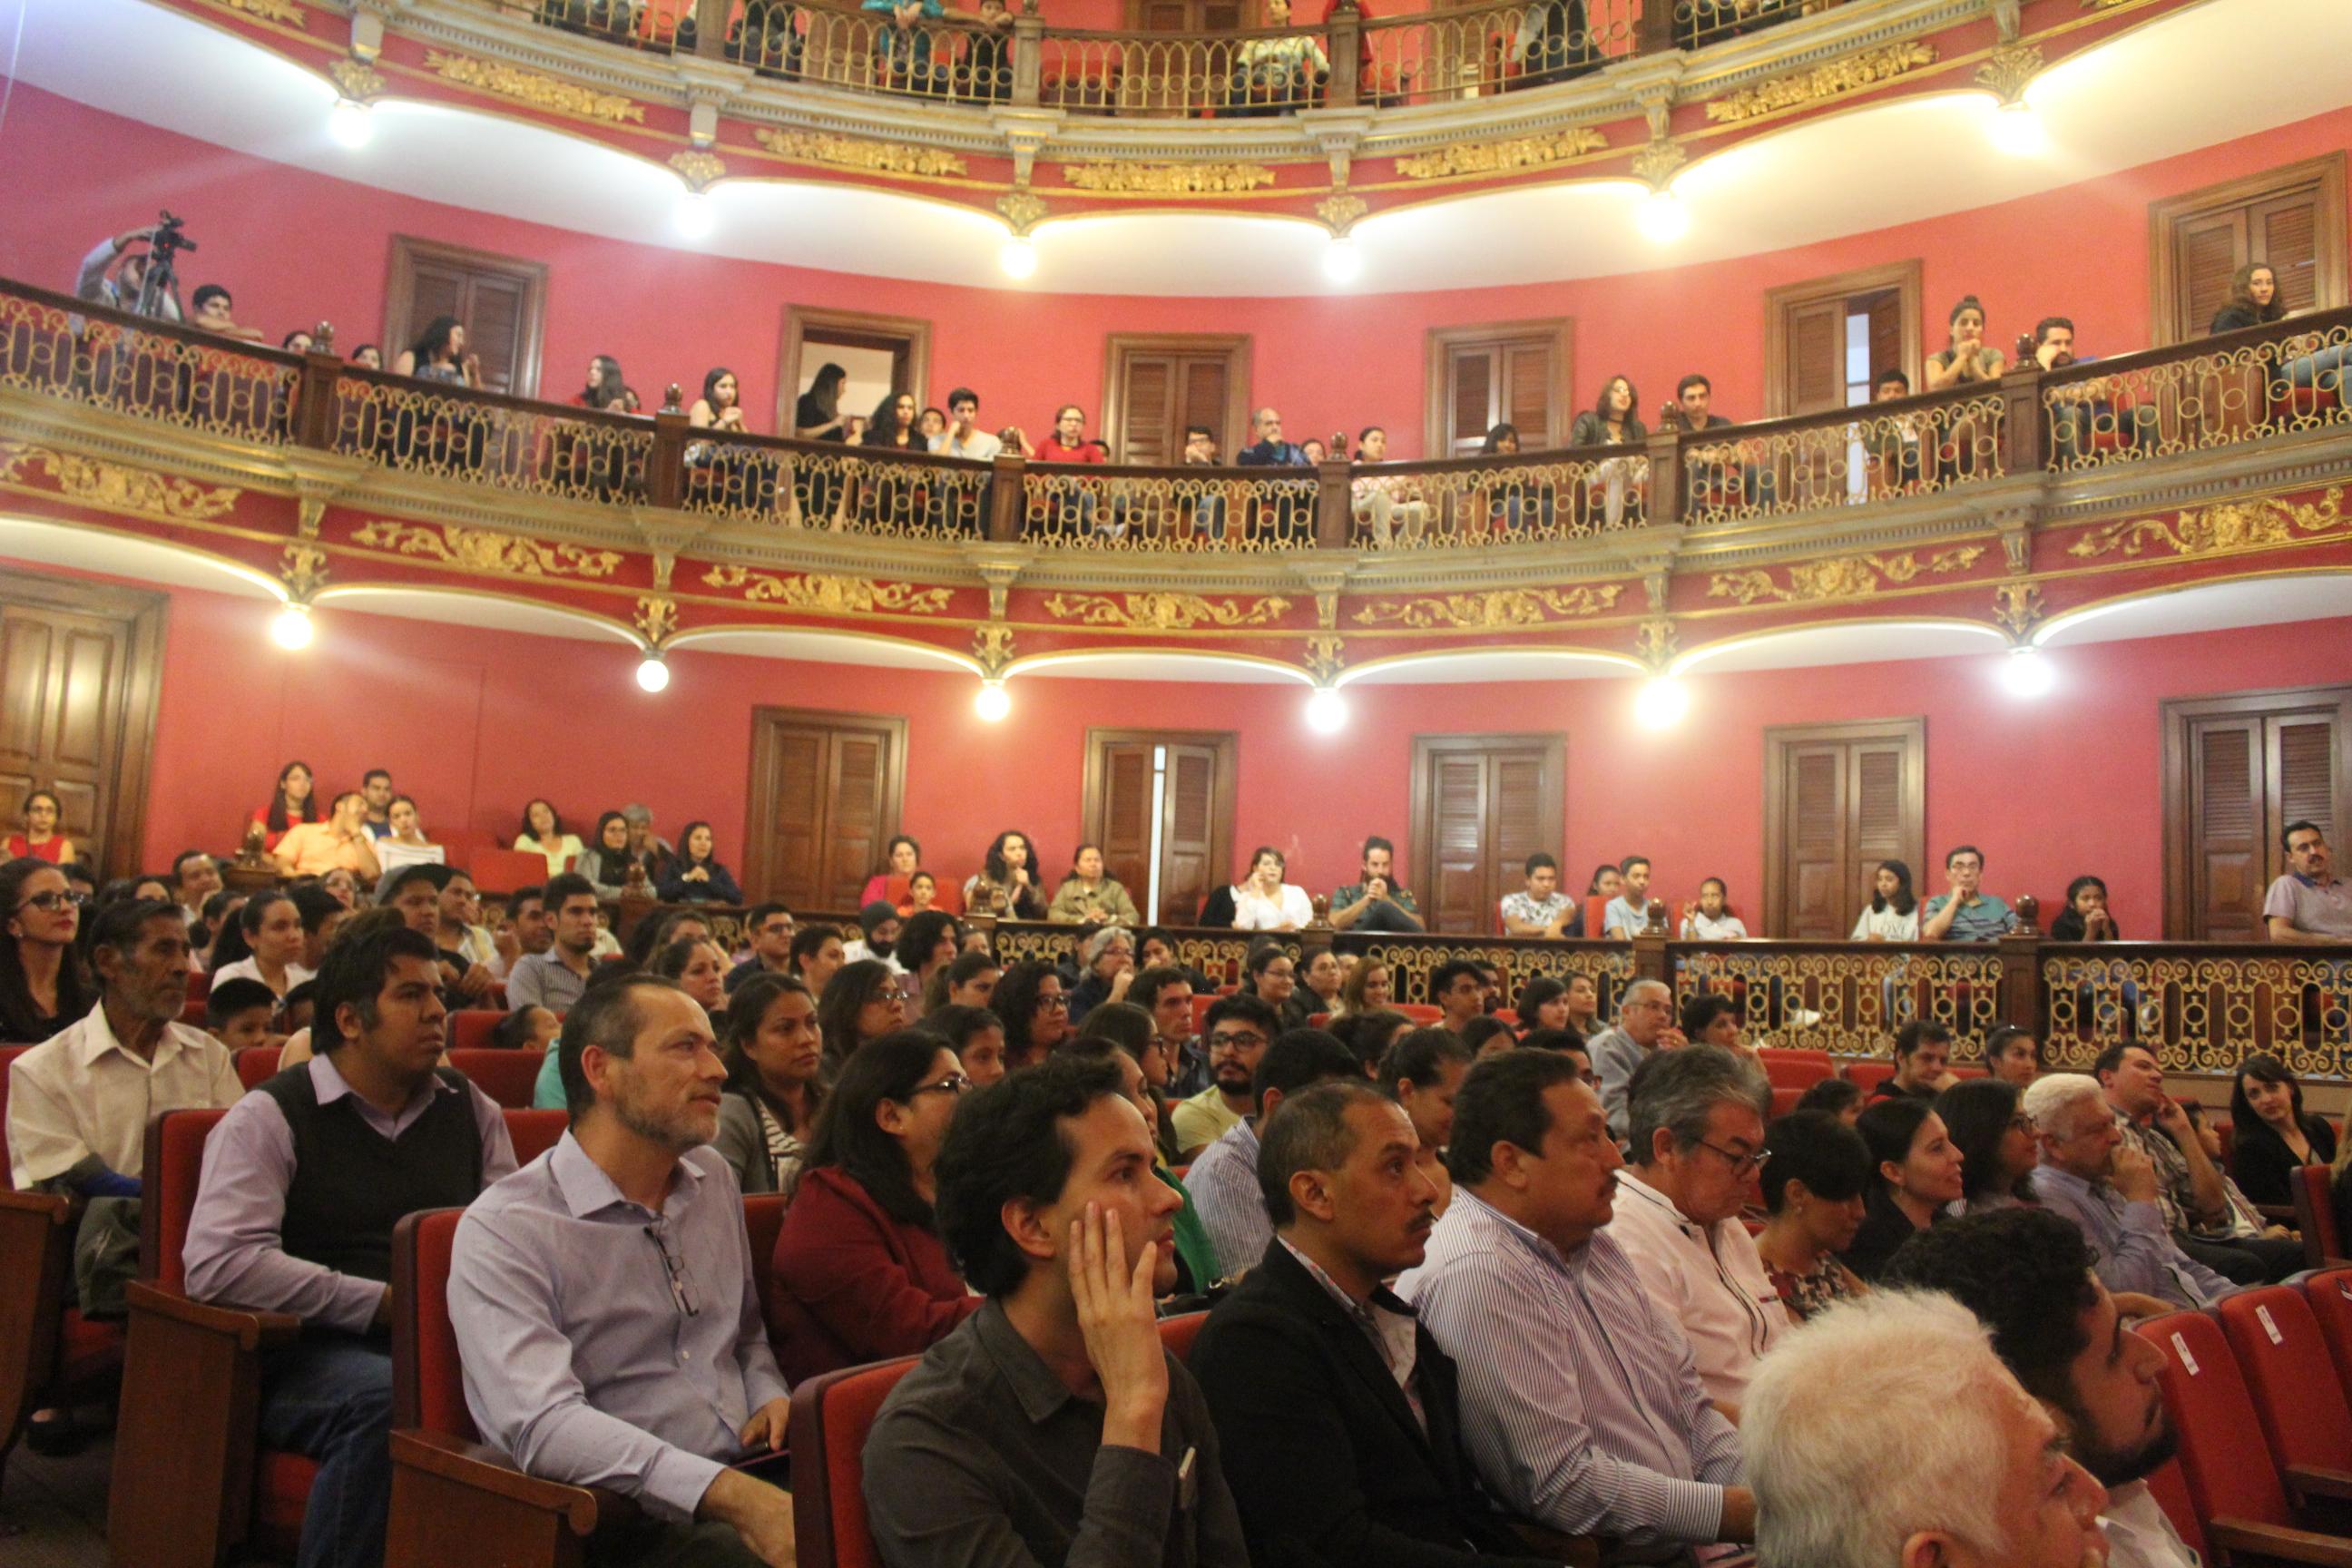 El público asistente al Teatro José Rosas Moreno, a la espera del inicio de la obra